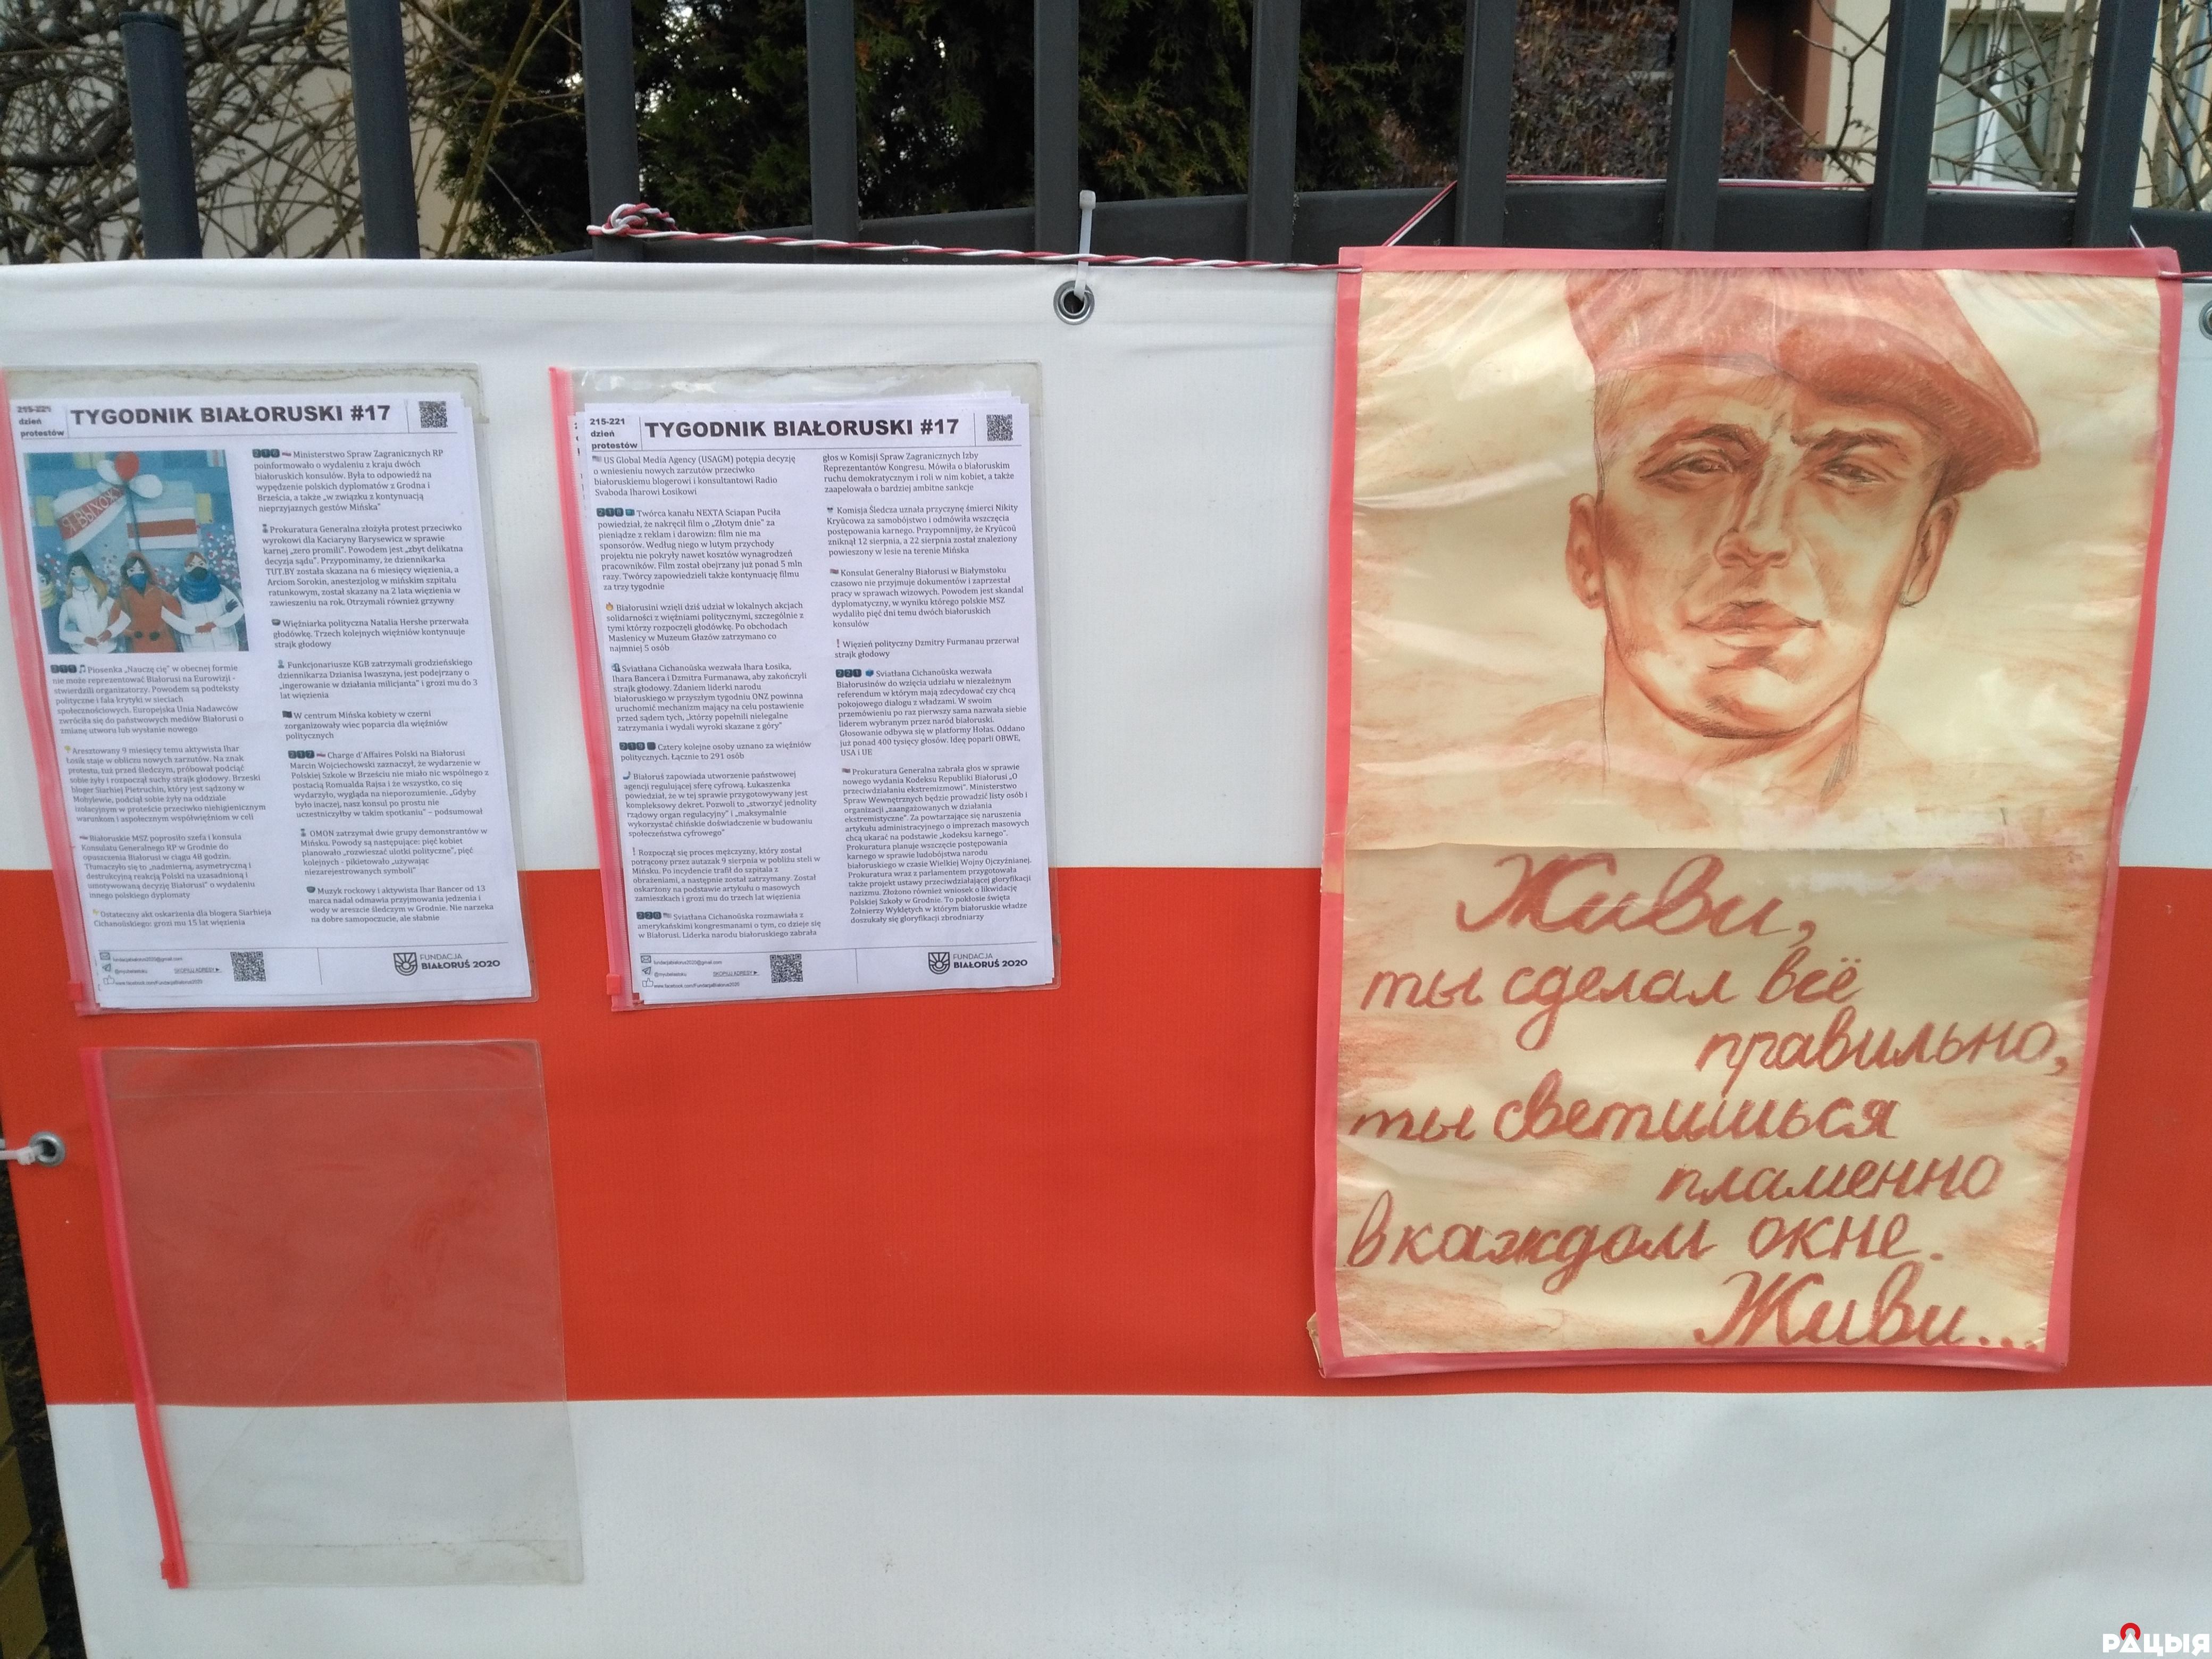 Насупраць беларускага консульства ў Беластоку з'явіліся плакаты БНР7